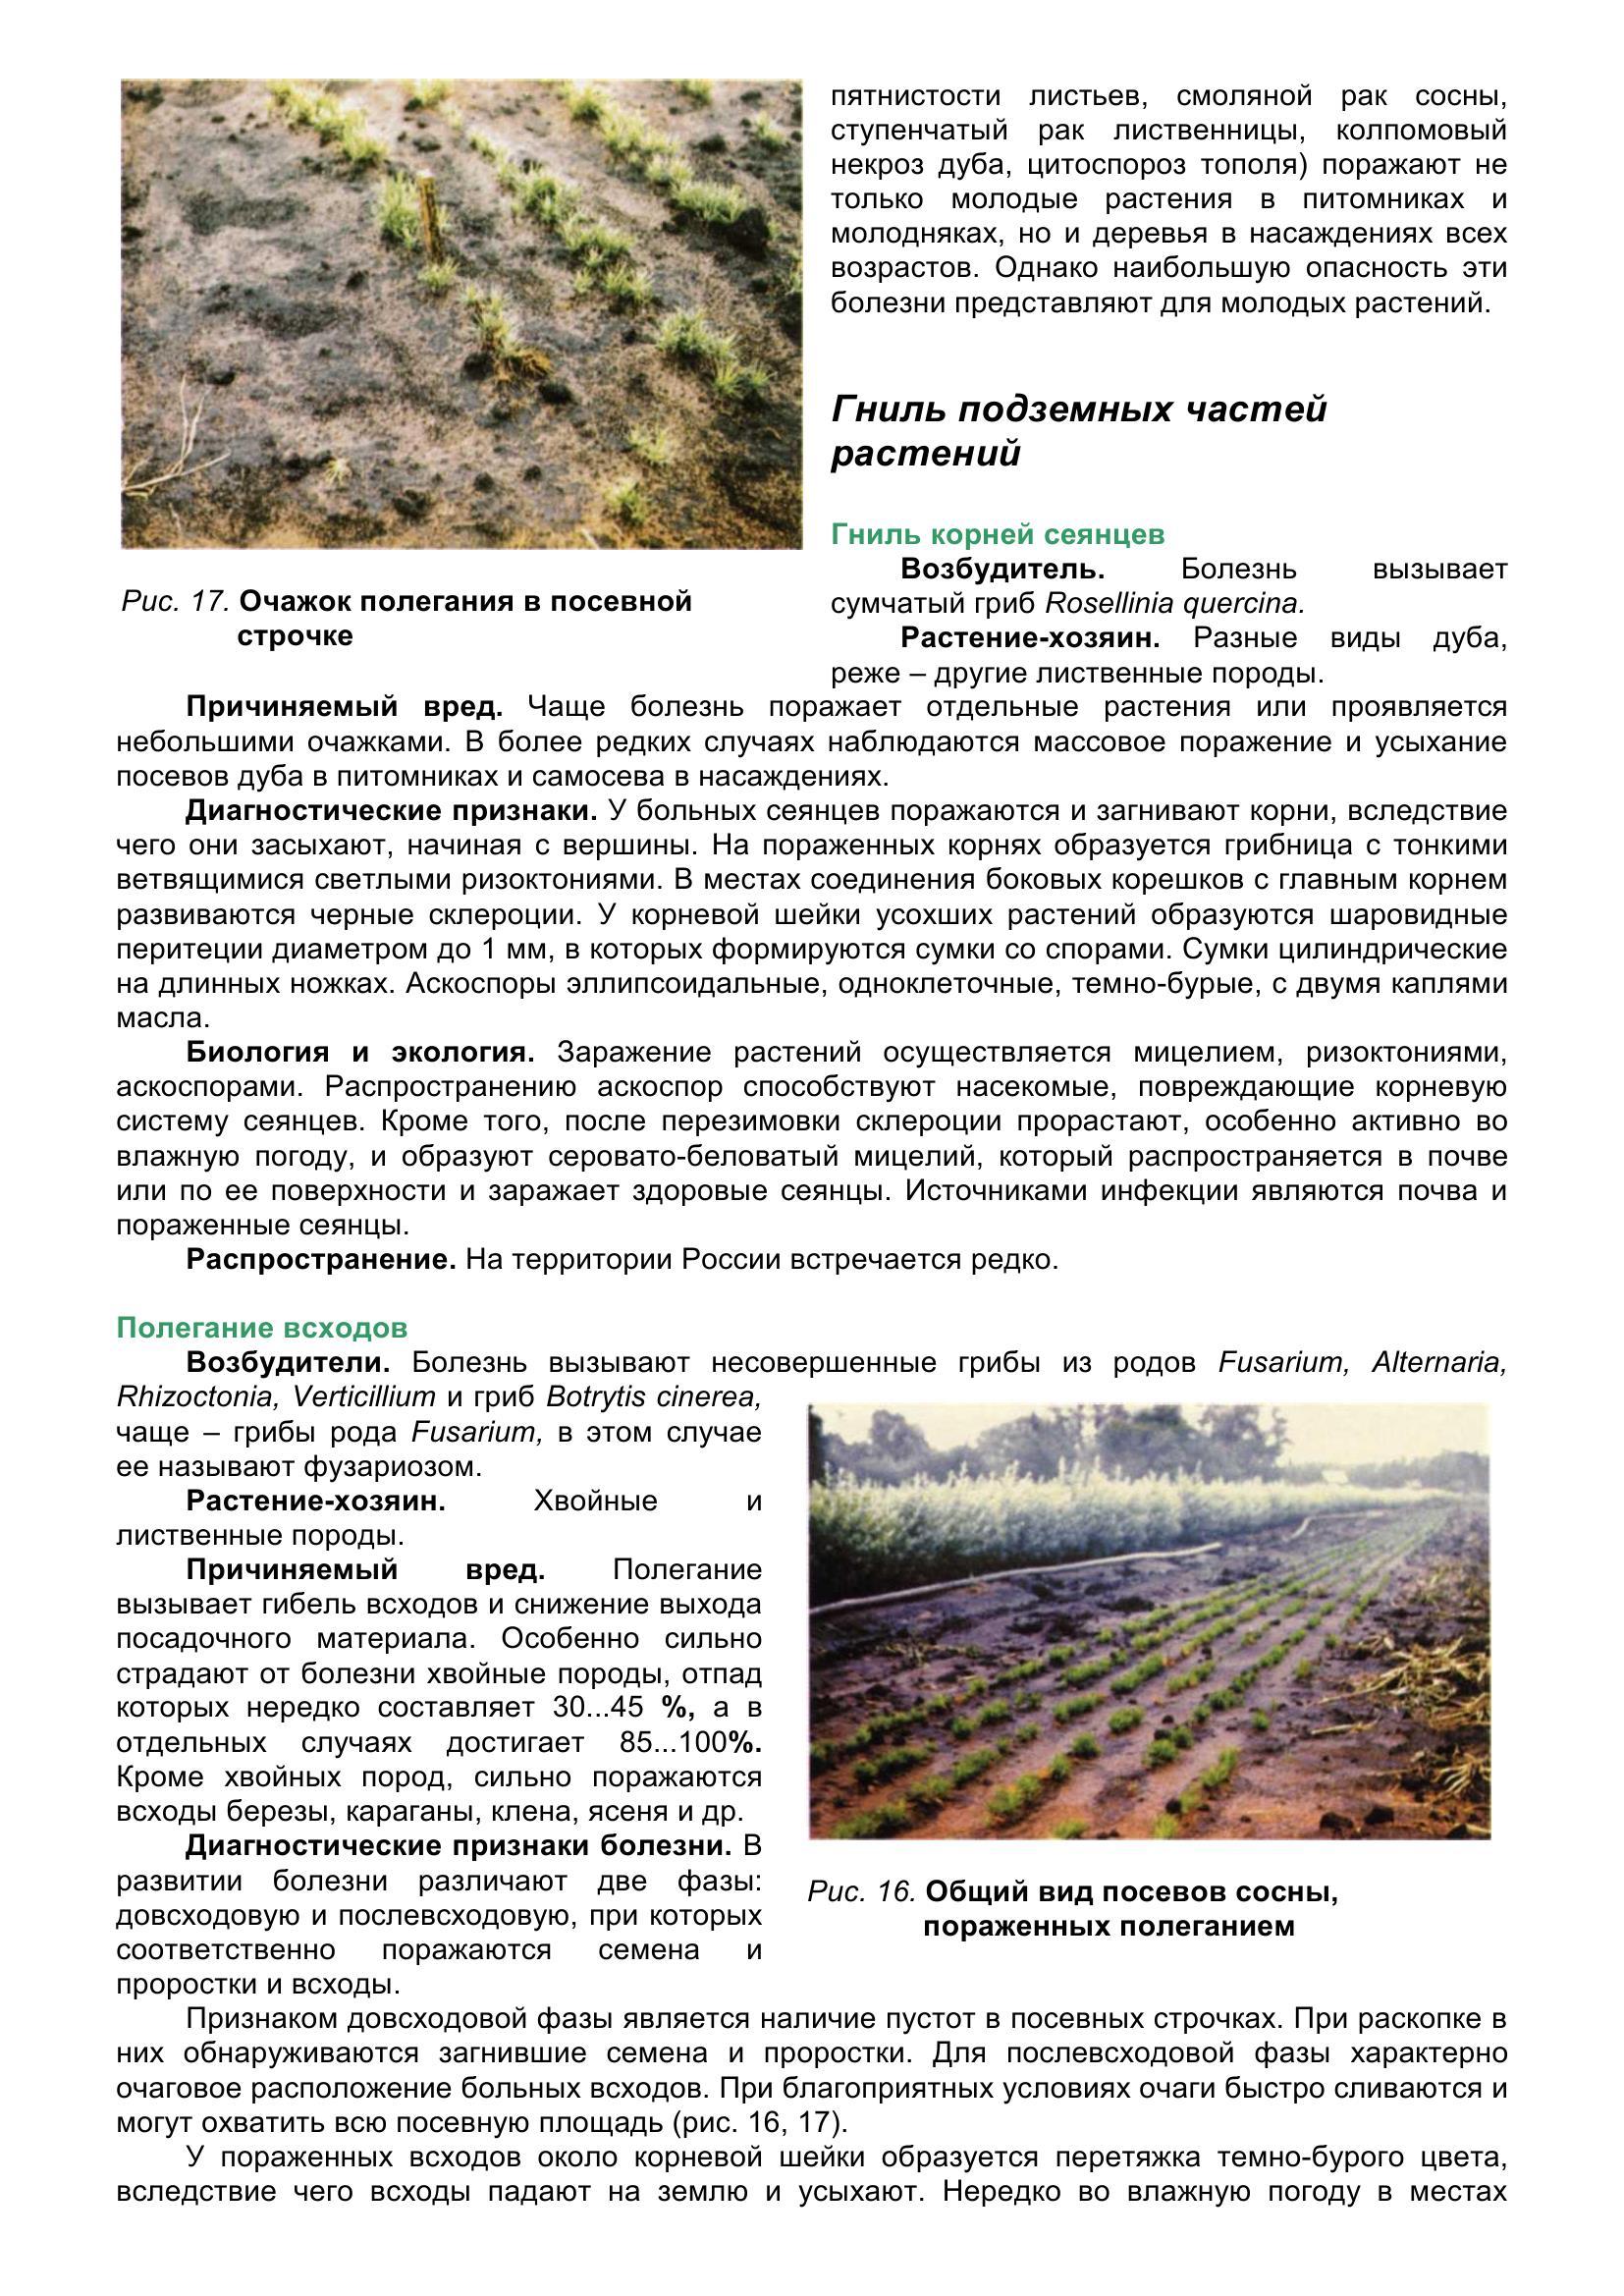 Болезни_древесных_растений_036.jpg